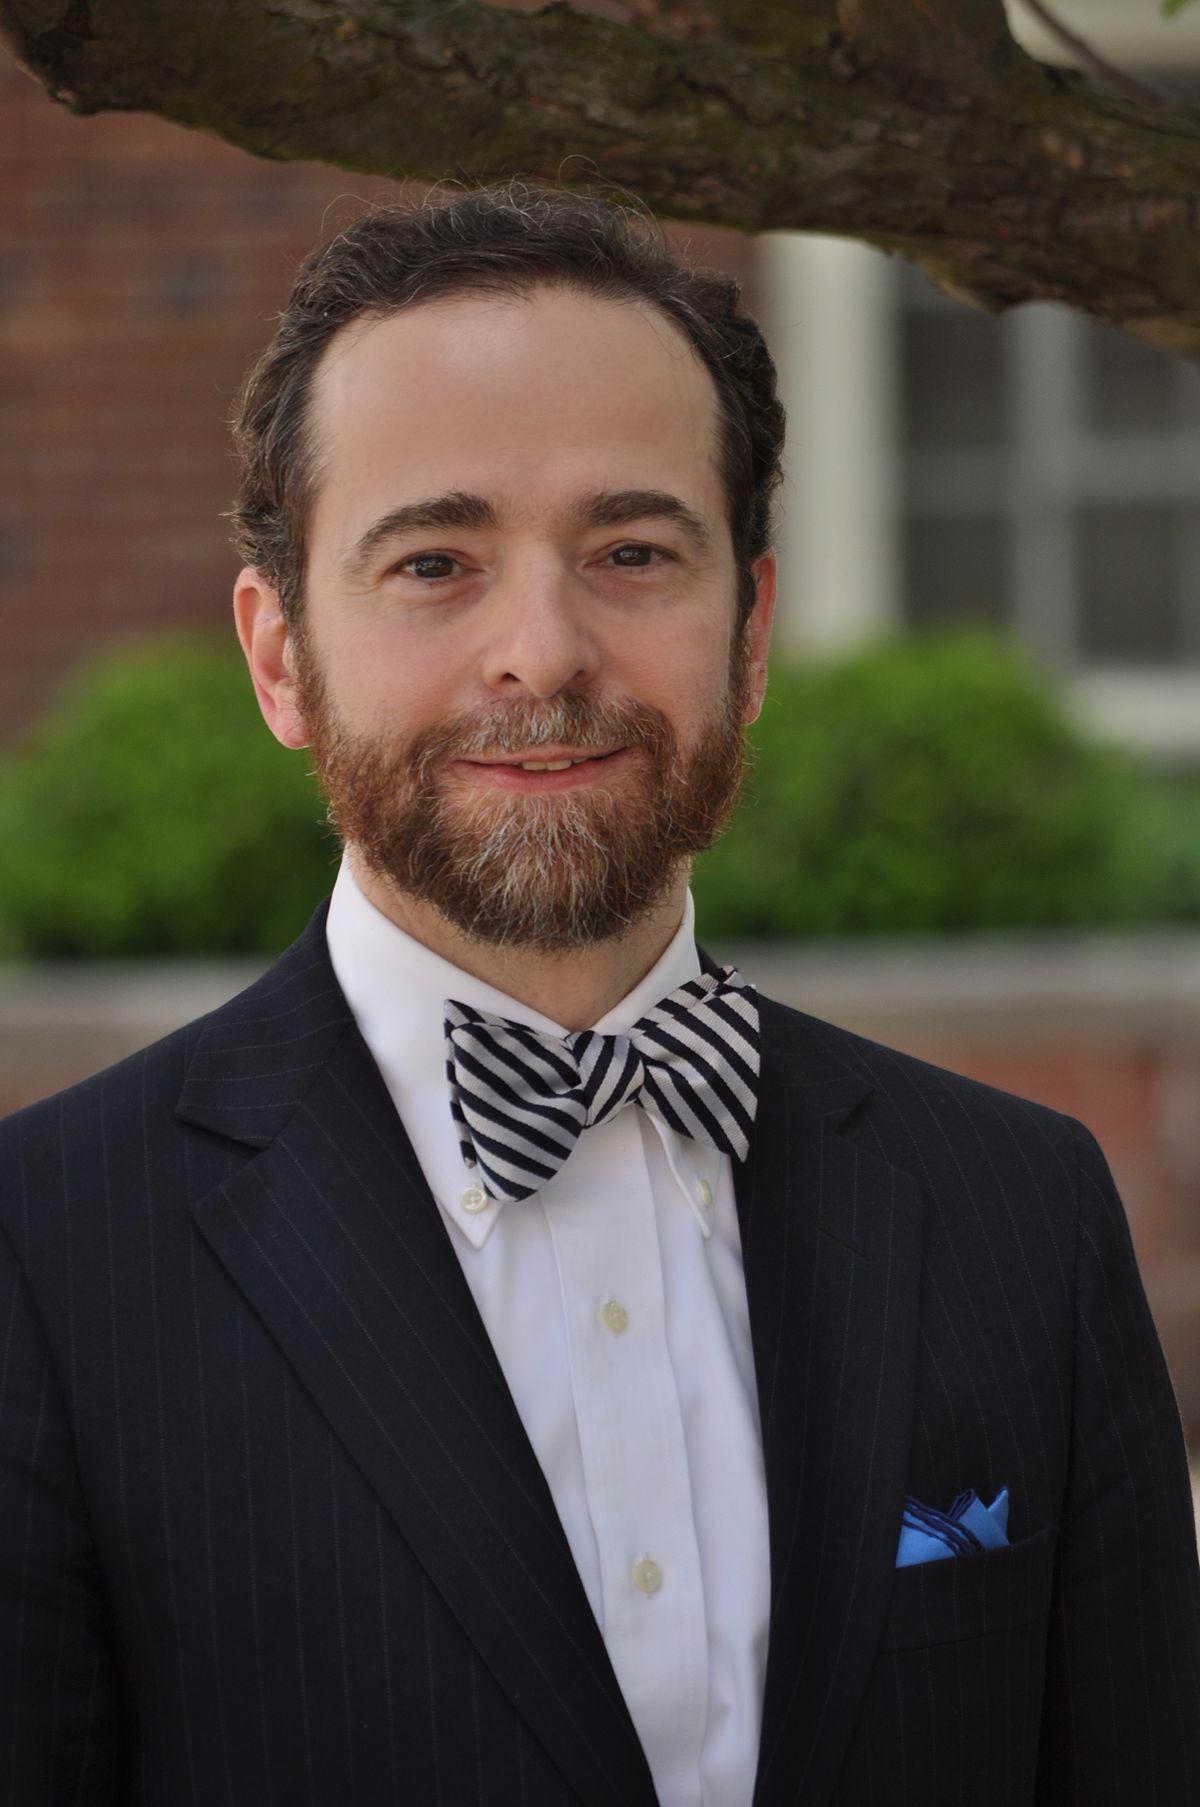 Robert K. C. Forman